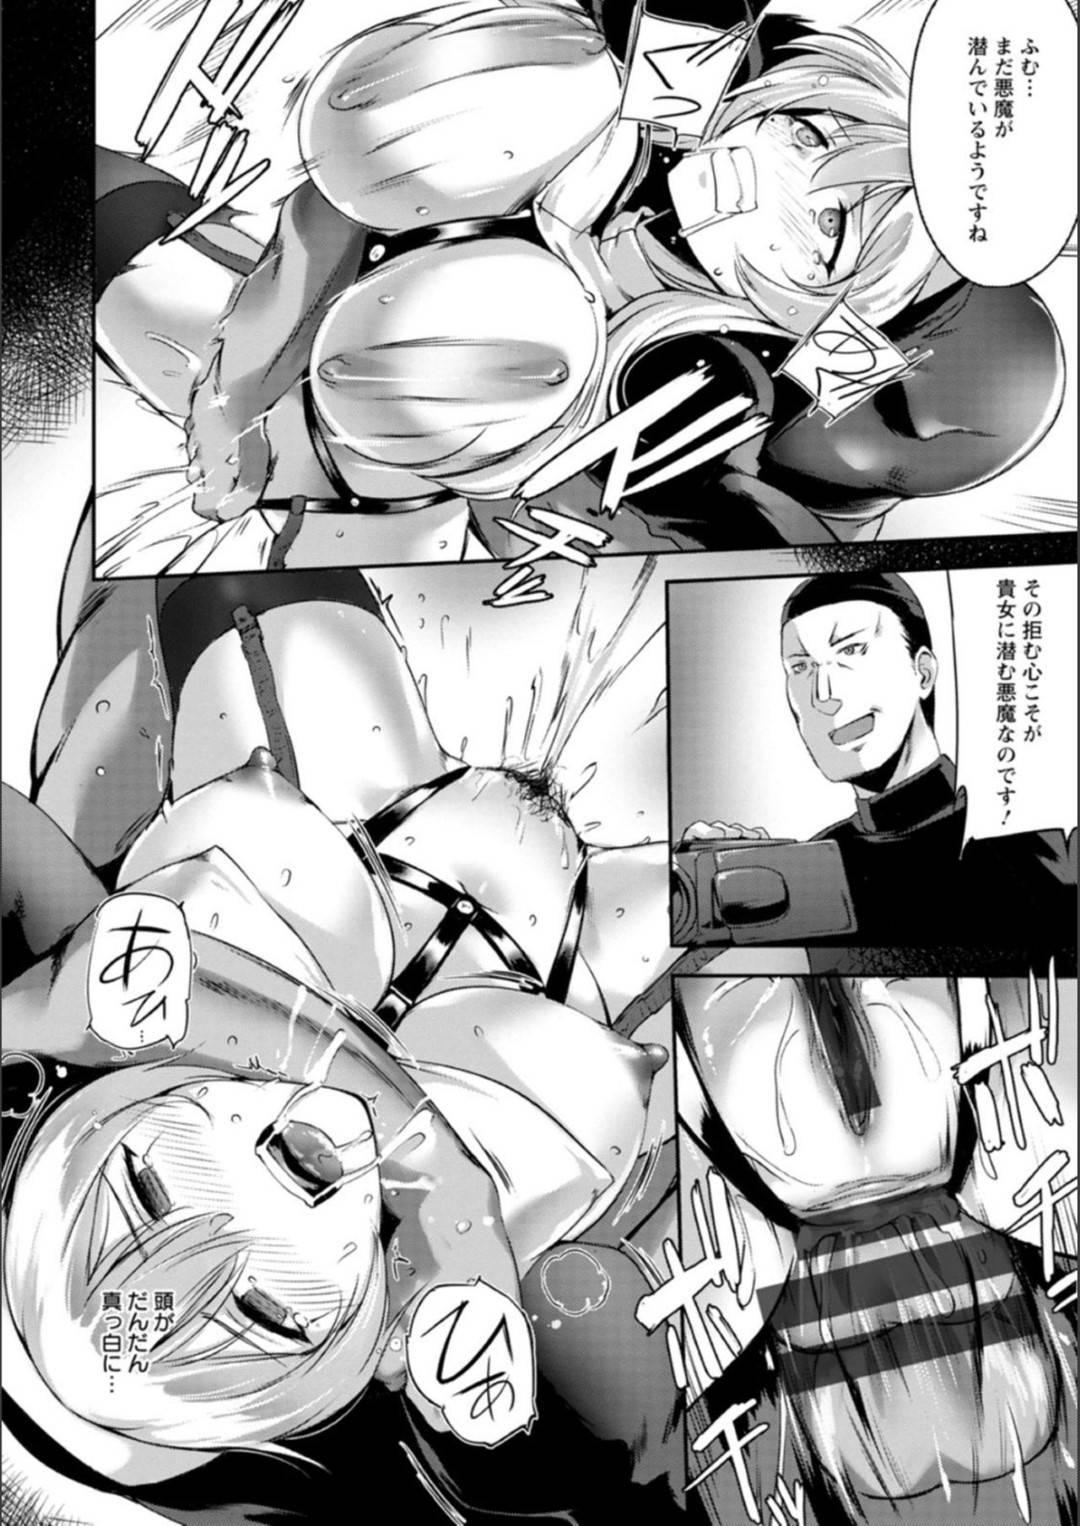 【エロ漫画】大司教に薬を盛られてアナルをいじられる巨乳美人シスター。拘束されたままアナルを舐められたあと、激しい生ハメ中出しアナルファックで種付け尻穴絶頂!